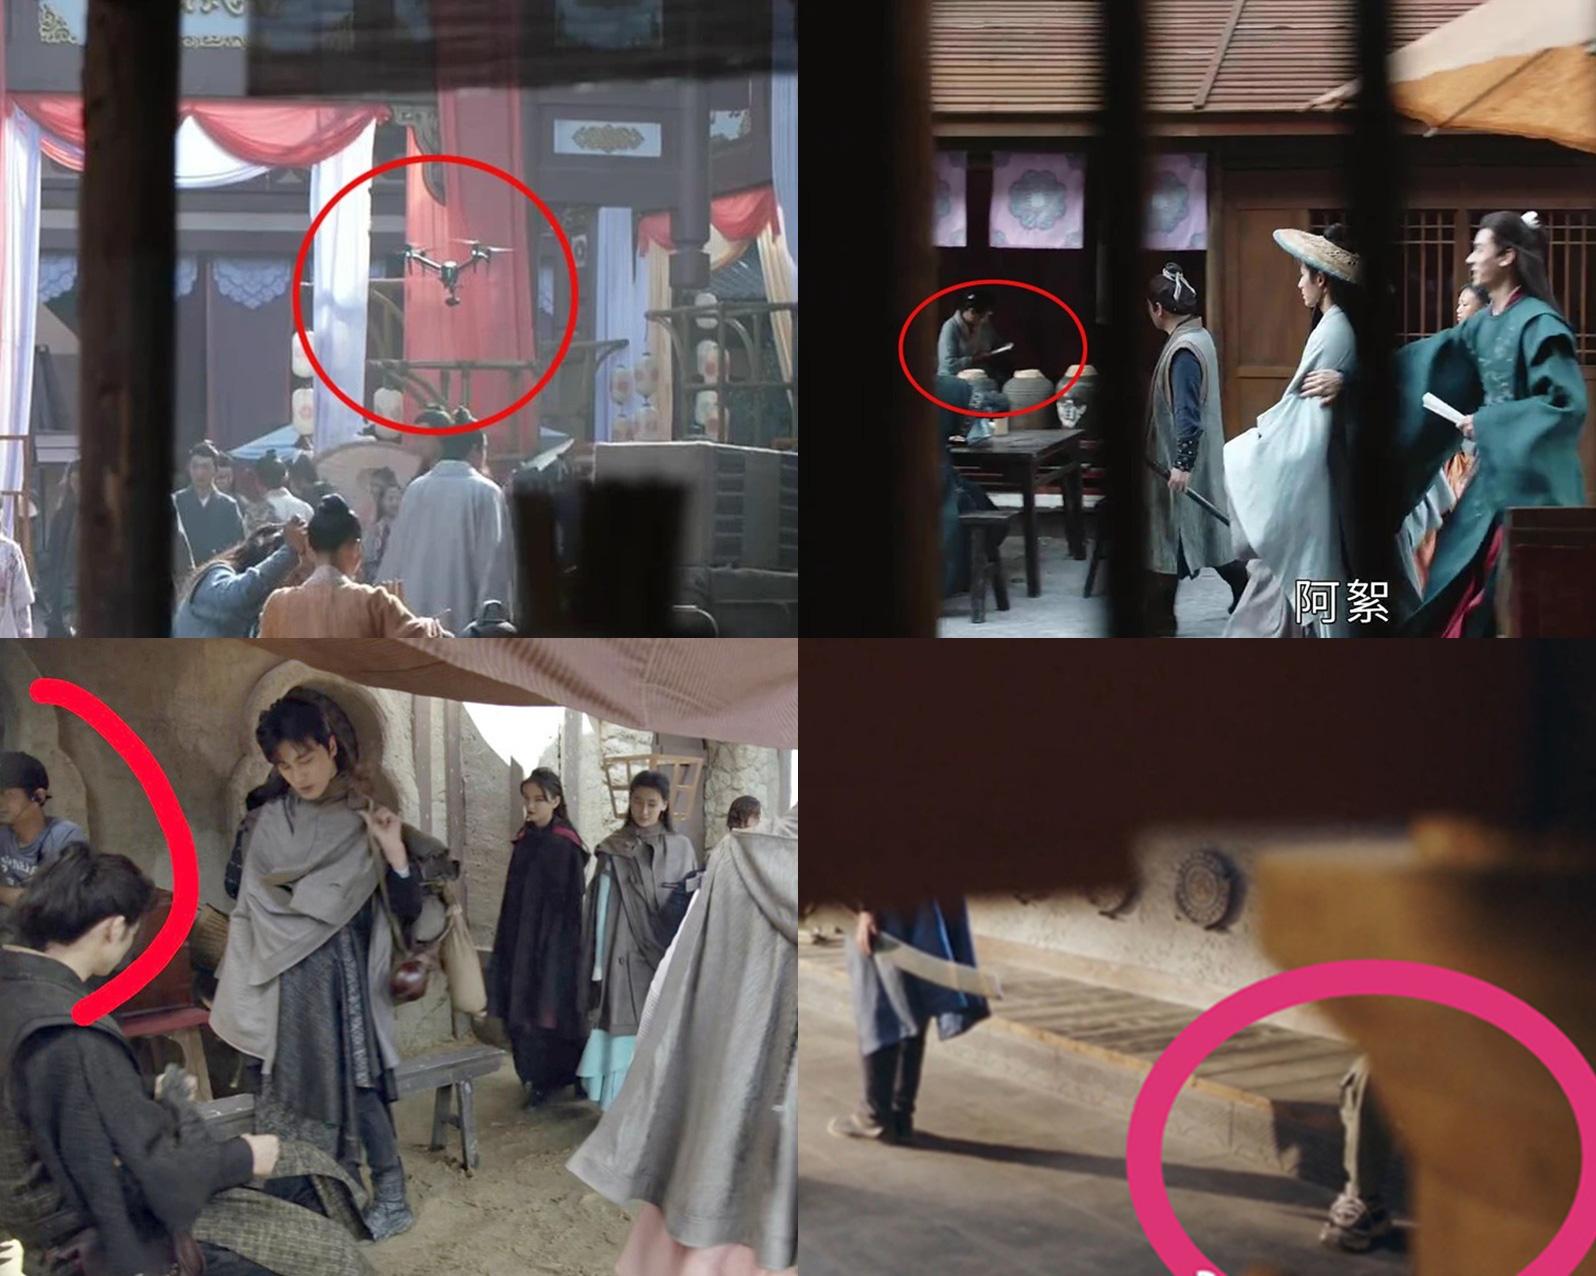 """Phim cổ trang Trung Quốc nghèo nàn, dễ dãi khiến khán giả """"ngán ngẩm"""" - Ảnh 2."""